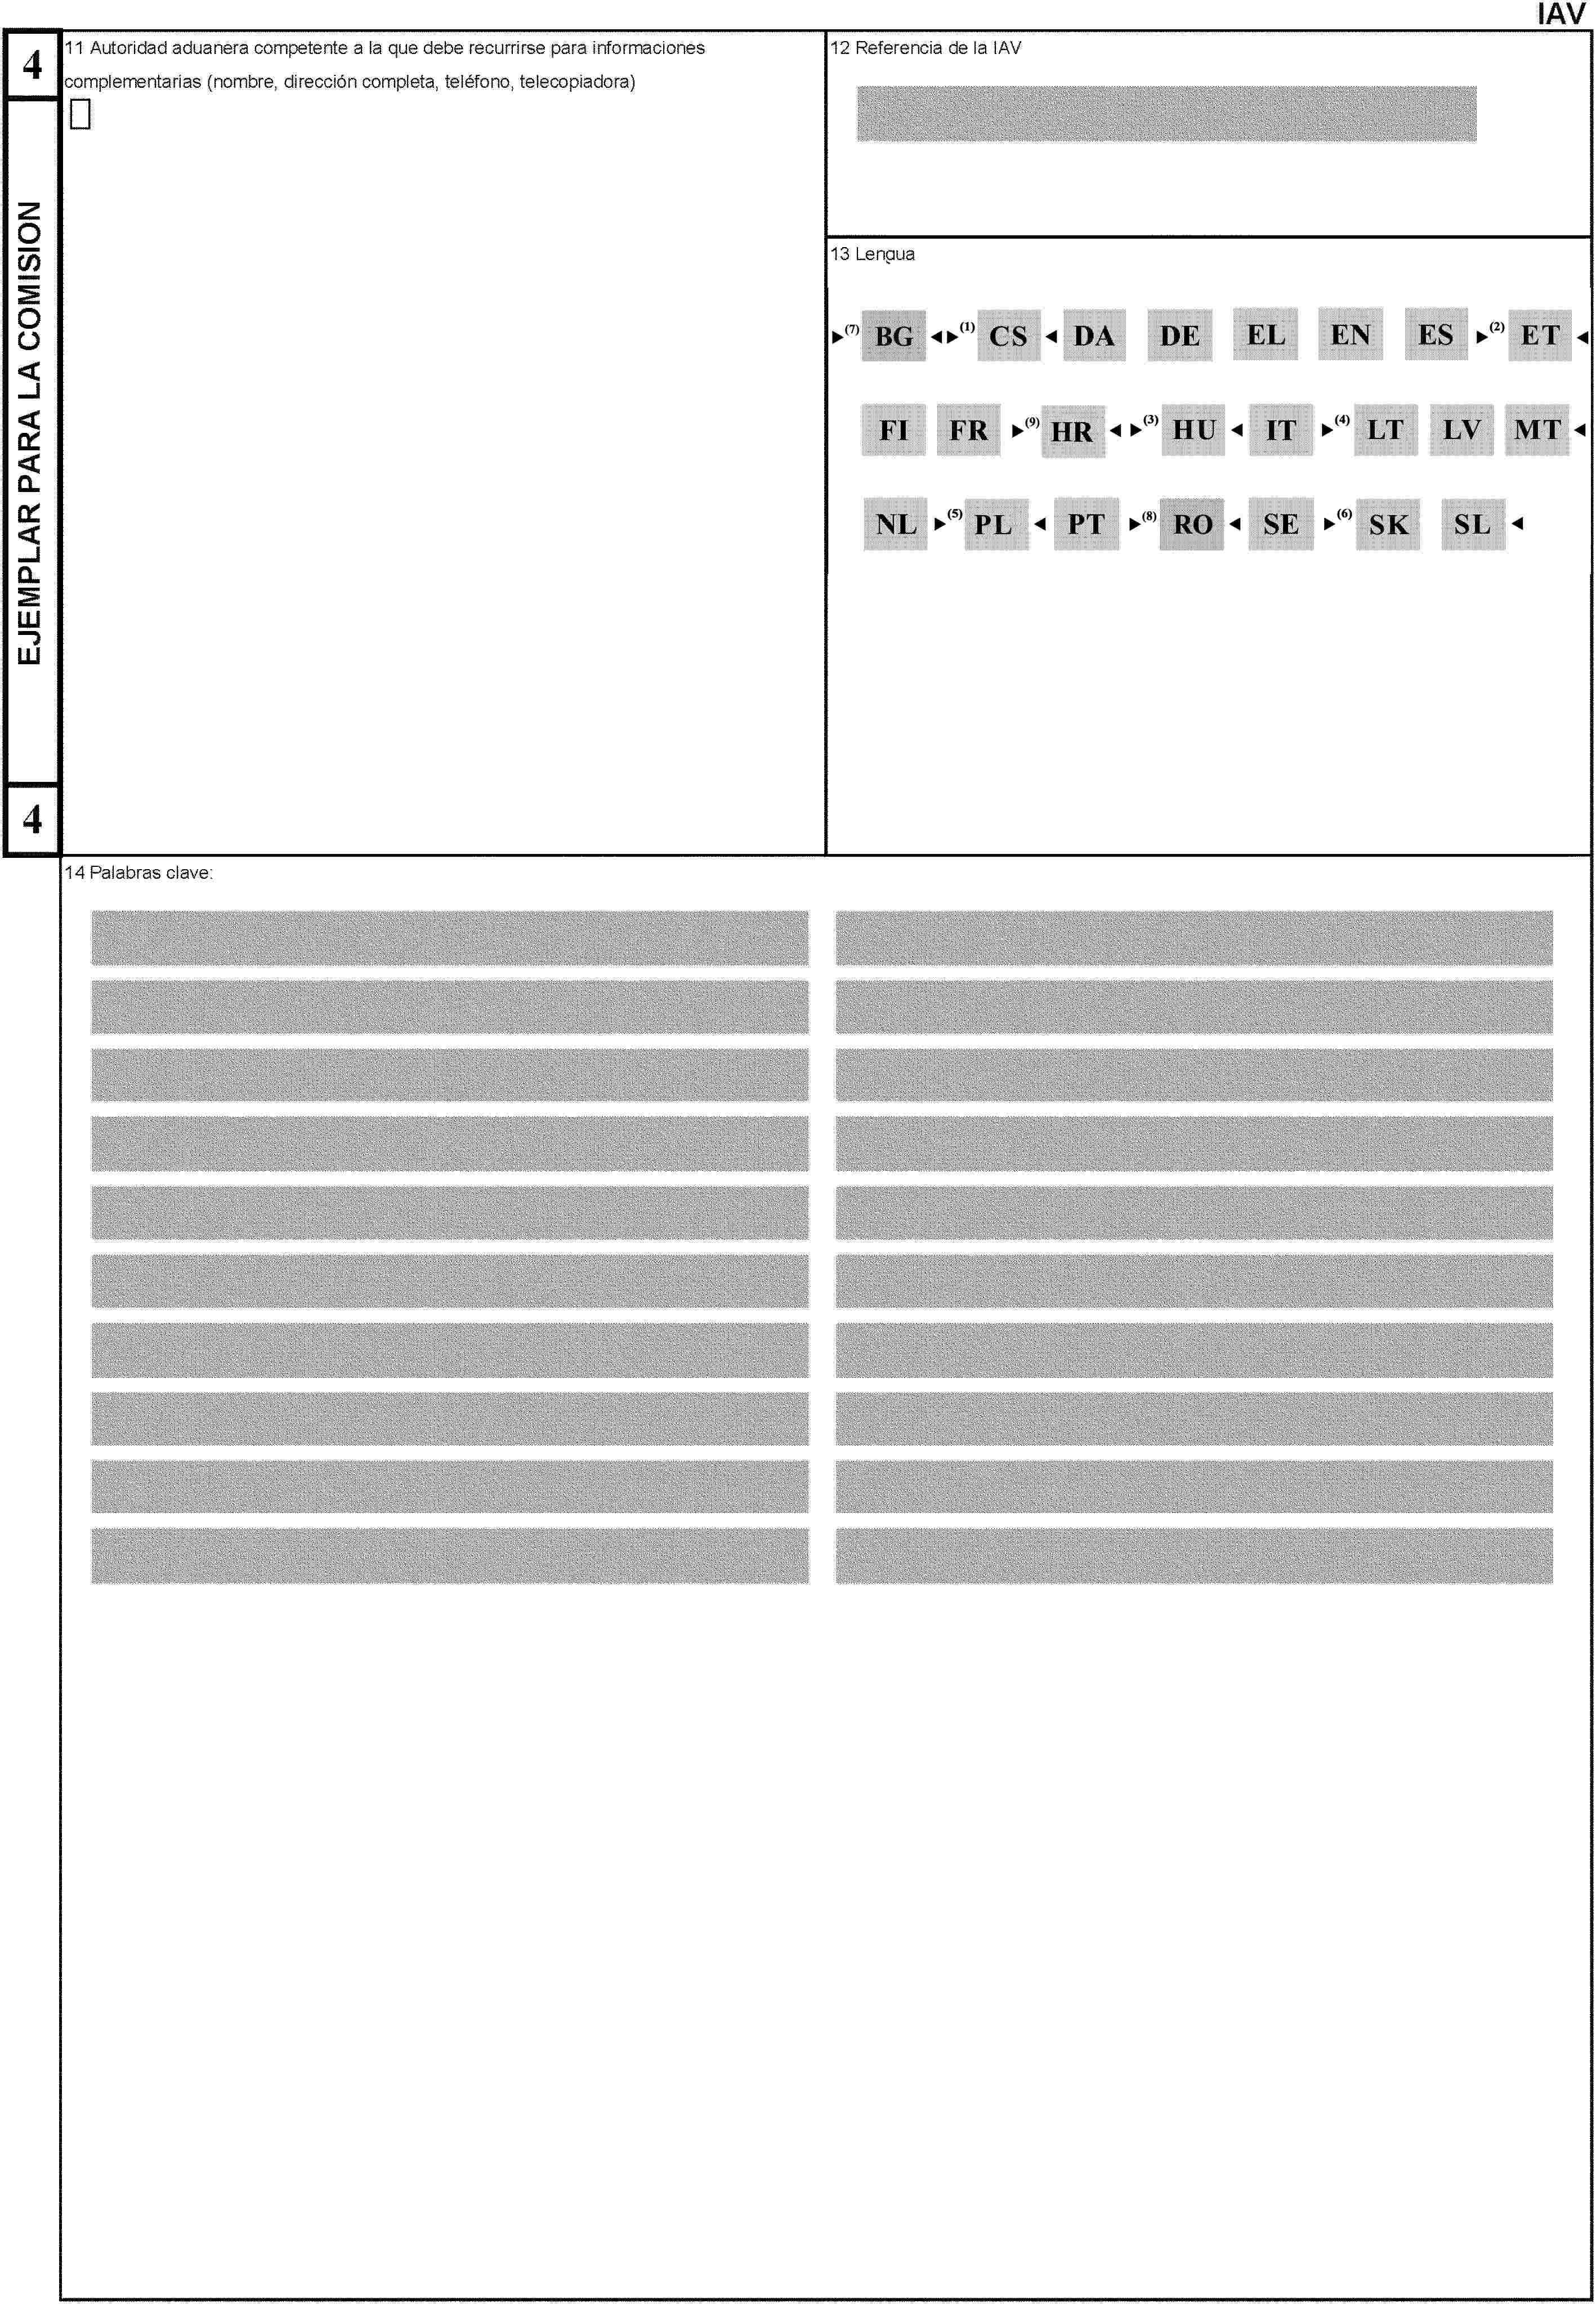 Calendario Para Imprimir Año 2017 Más Reciente Eur Lex R2454 En Eur Lex Of Calendario Para Imprimir Año 2017 Más Reciente Eur Lex R2454 En Eur Lex